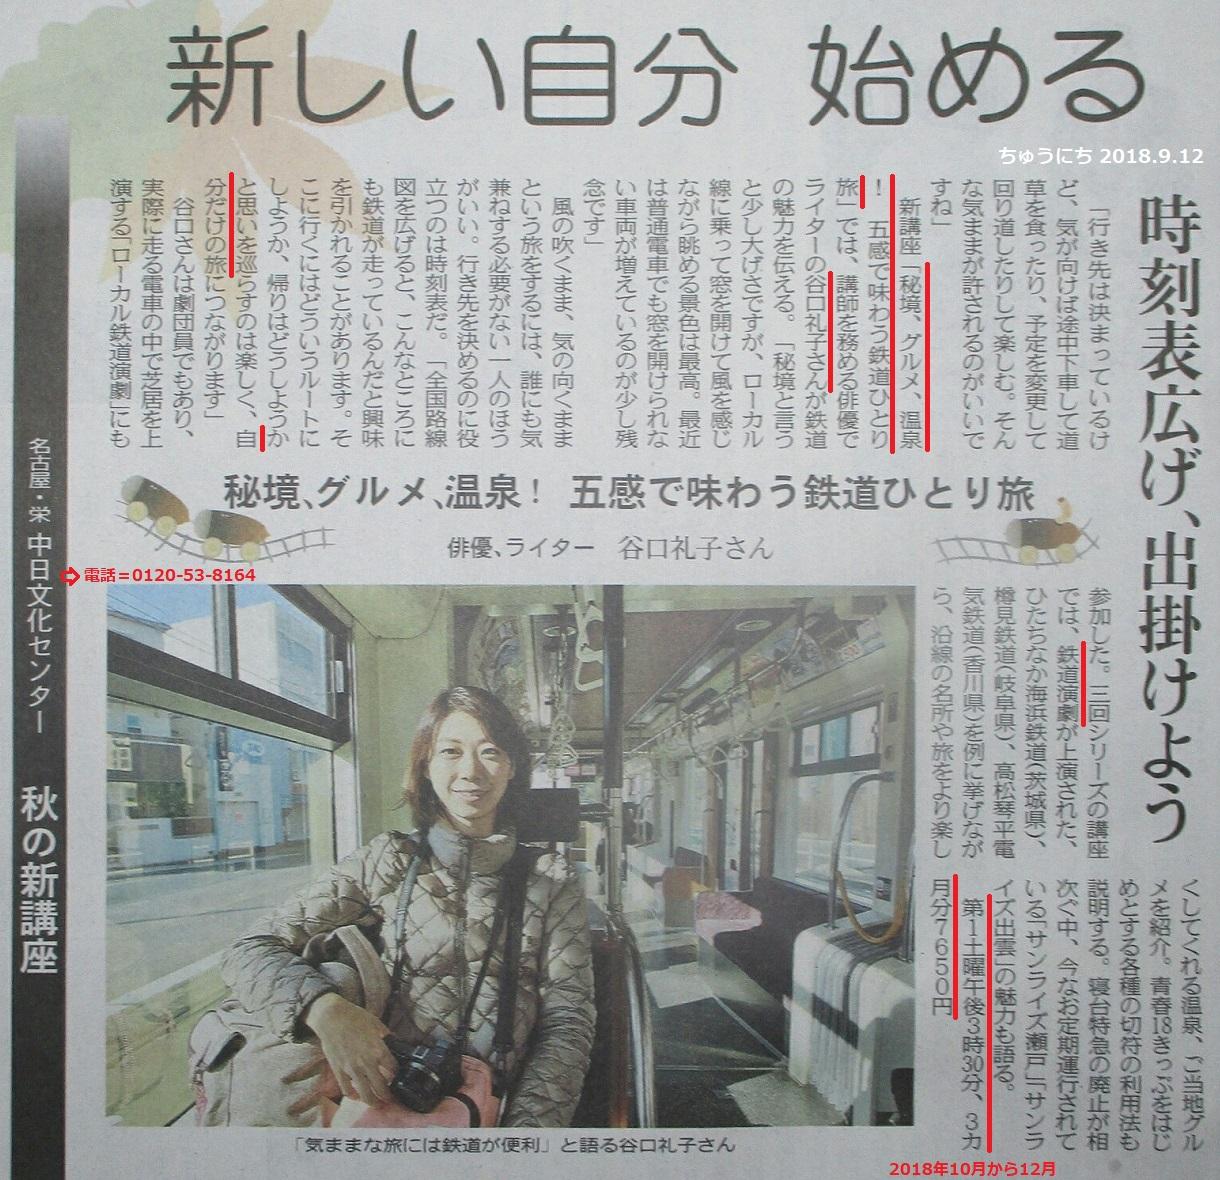 栄中日文化センター鉄道ひとりたび講座 - 谷口礼子さん(ちゅうにち 2018.9.12)